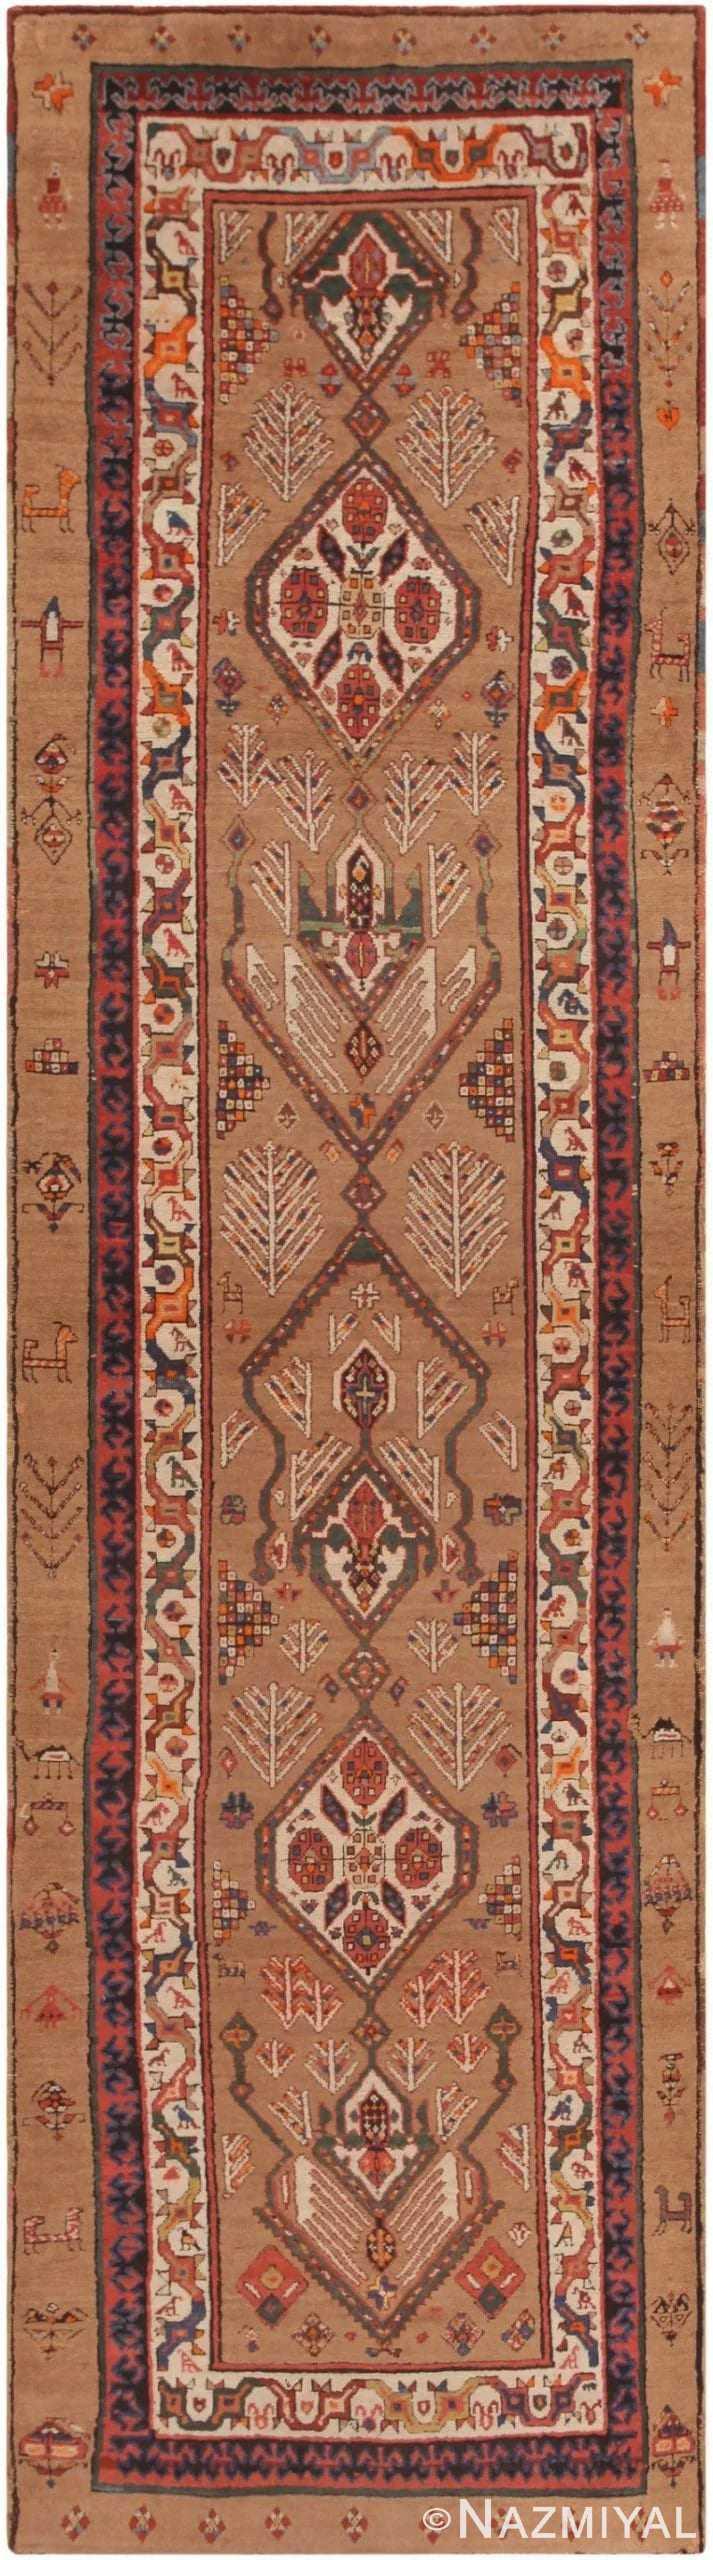 Antique Serab Persian Runner 44402 by Nazmiyal NYC